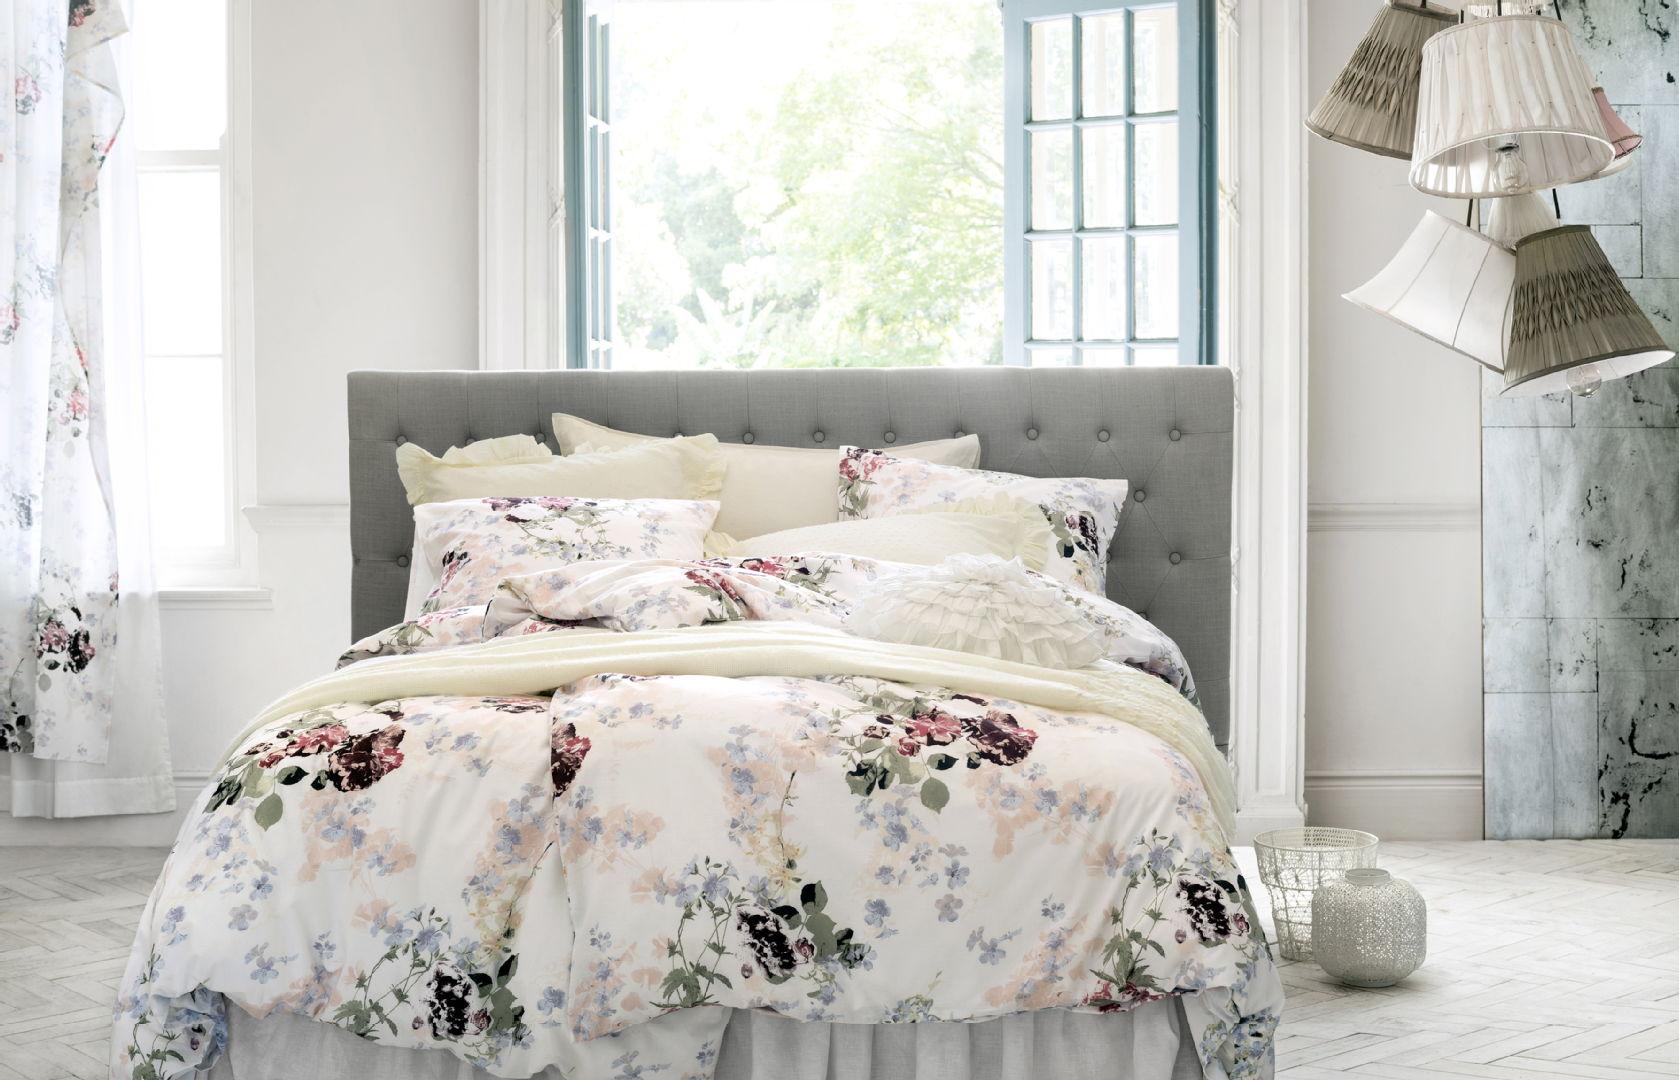 Makuuhuoneen sisustus, kesä, tekstiilit, Ideapark: H&M Home pussilakanasetti, pyöreä koristetyyny, metallilankakori ja iso kynttilälyhty